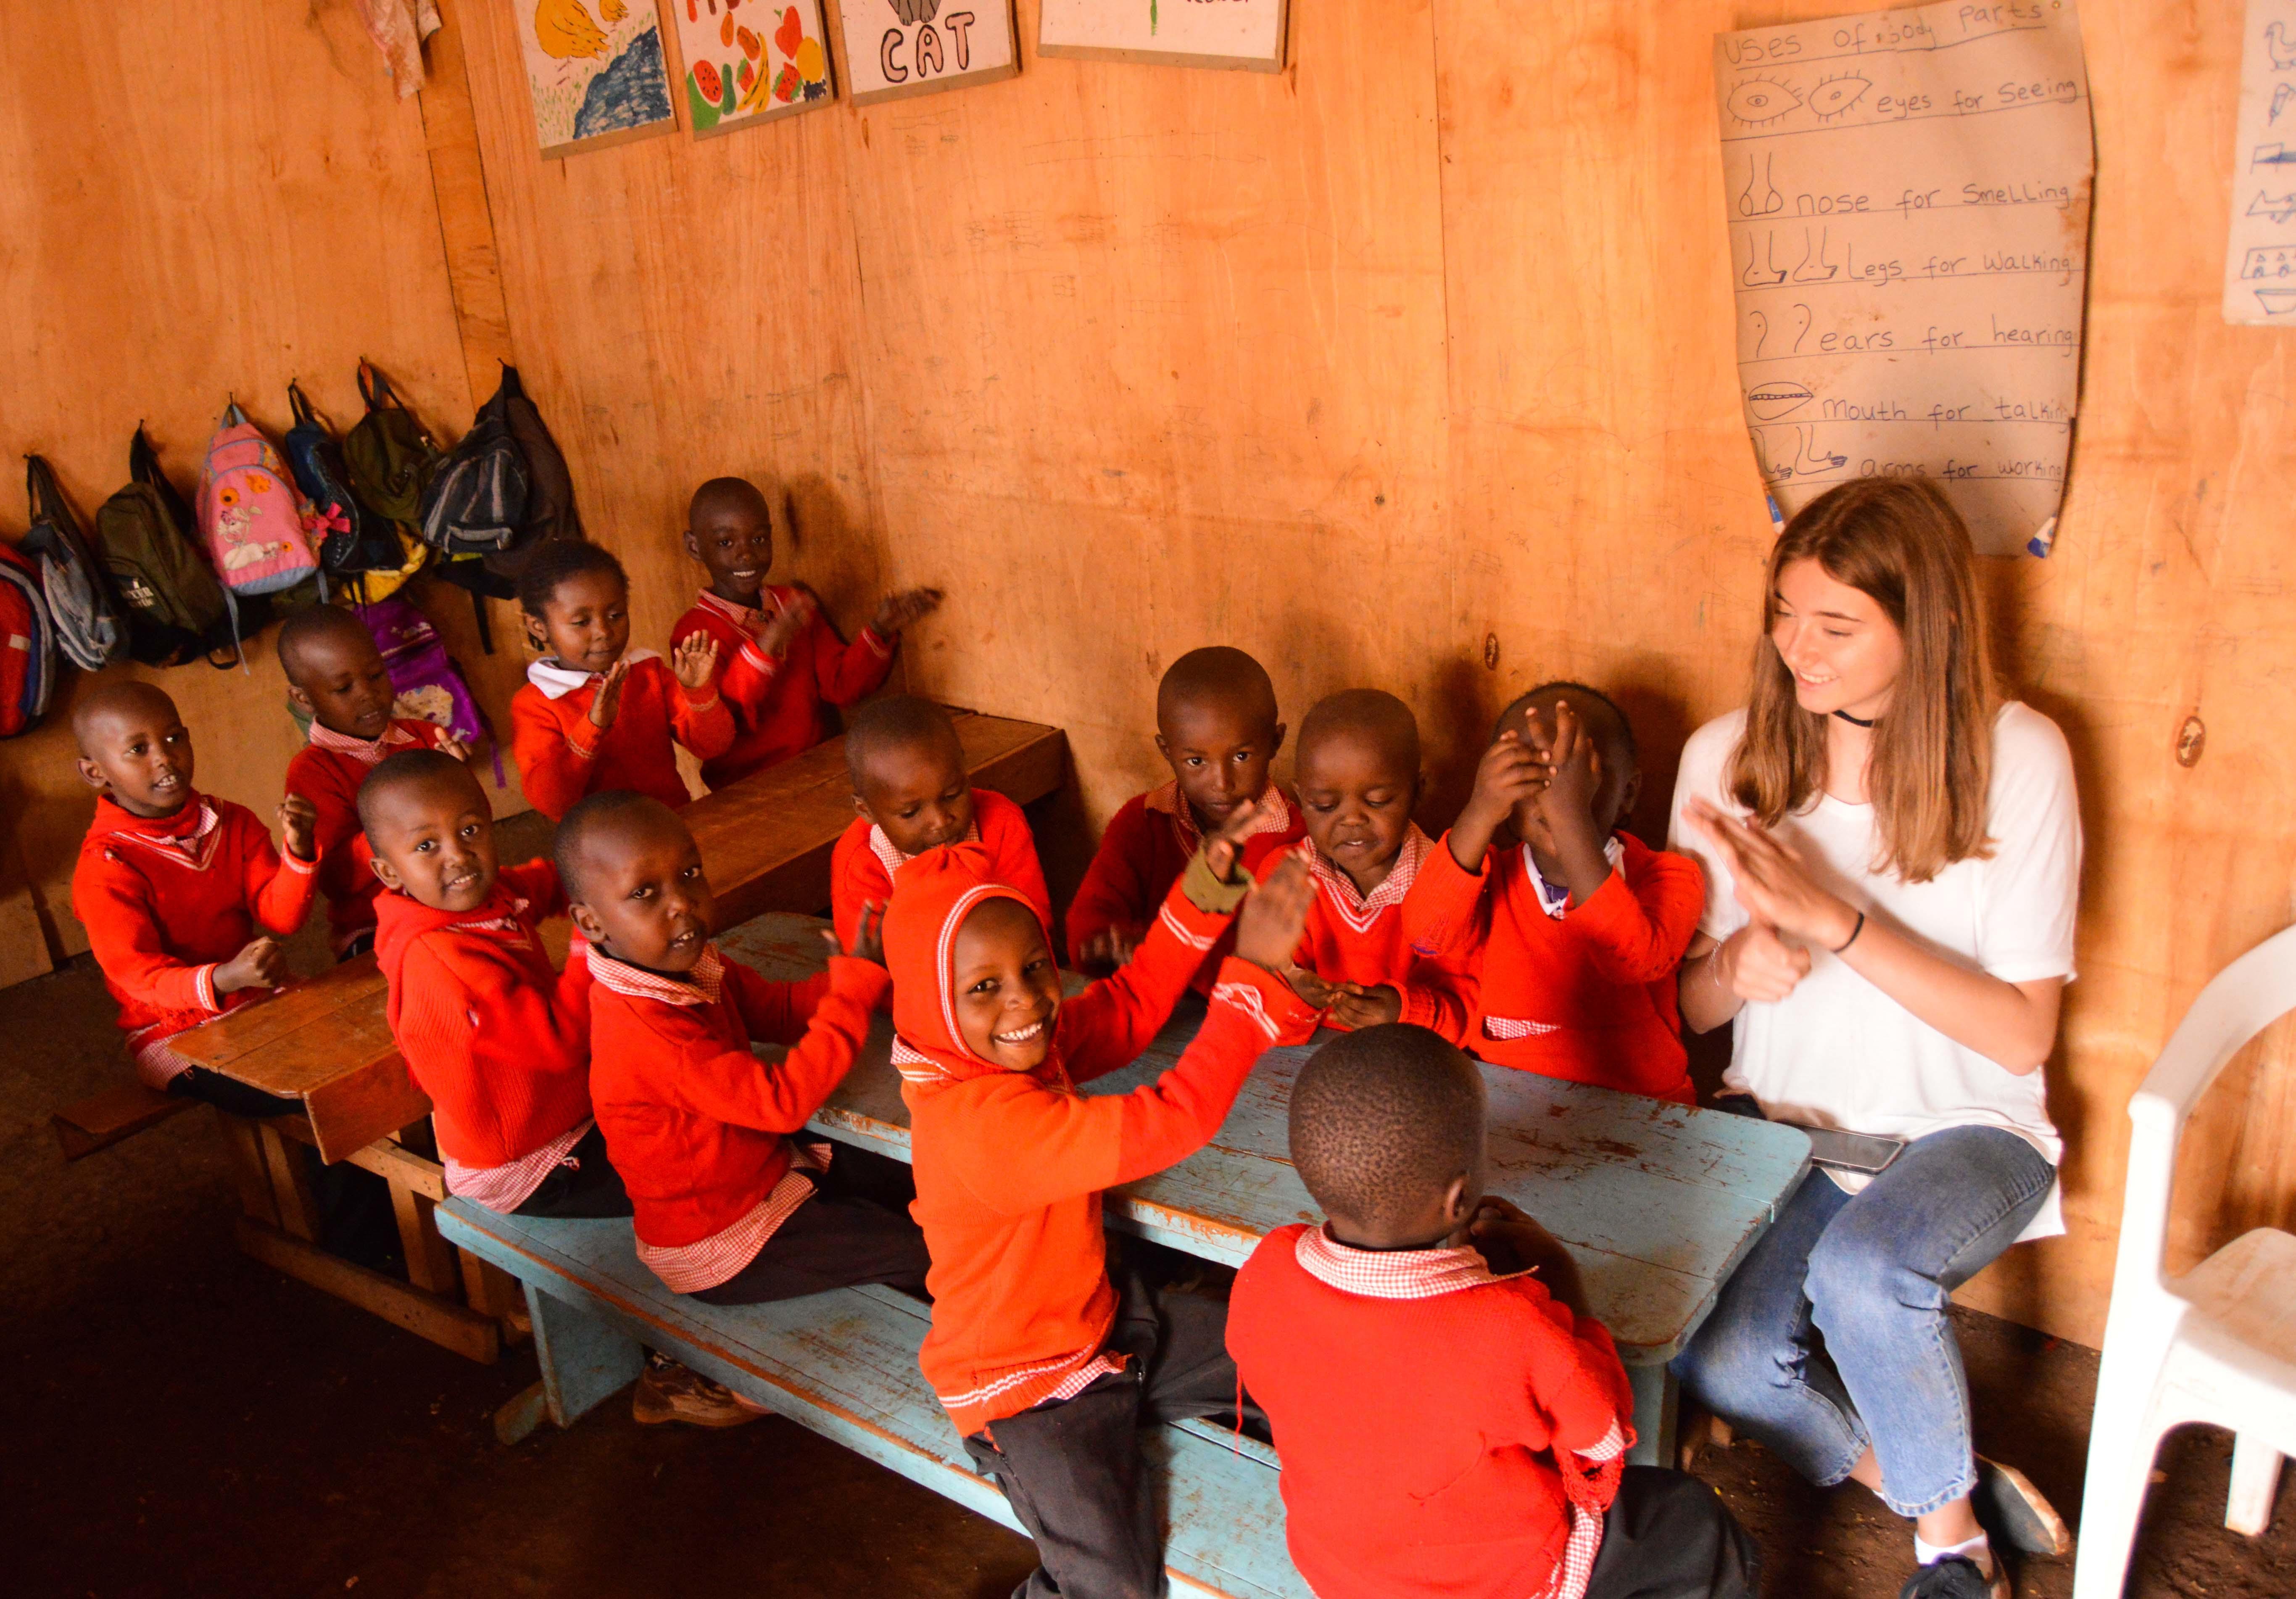 Adolescente le enseña canciones a niños de un preescolar durante su programa de voluntariado para jóvenes en Kenia.